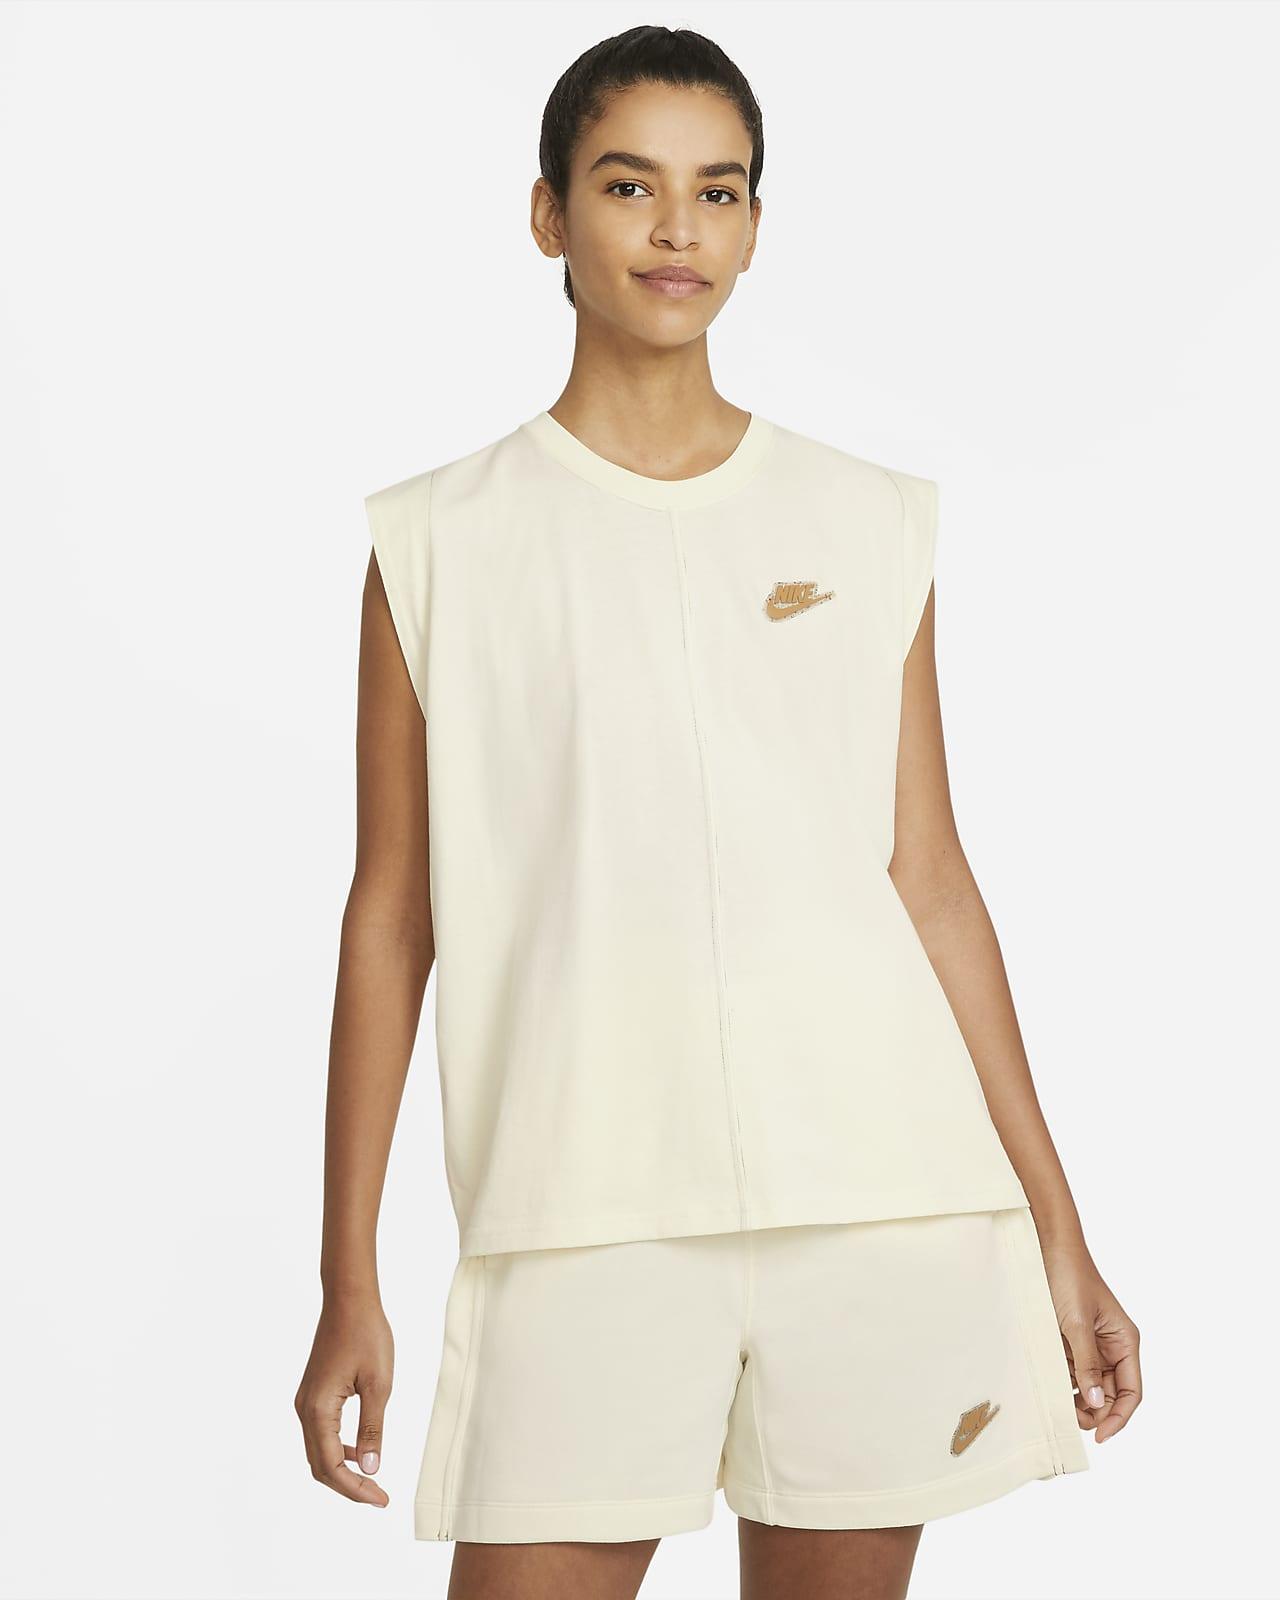 เสื้อกล้ามผู้หญิง Nike Sportswear